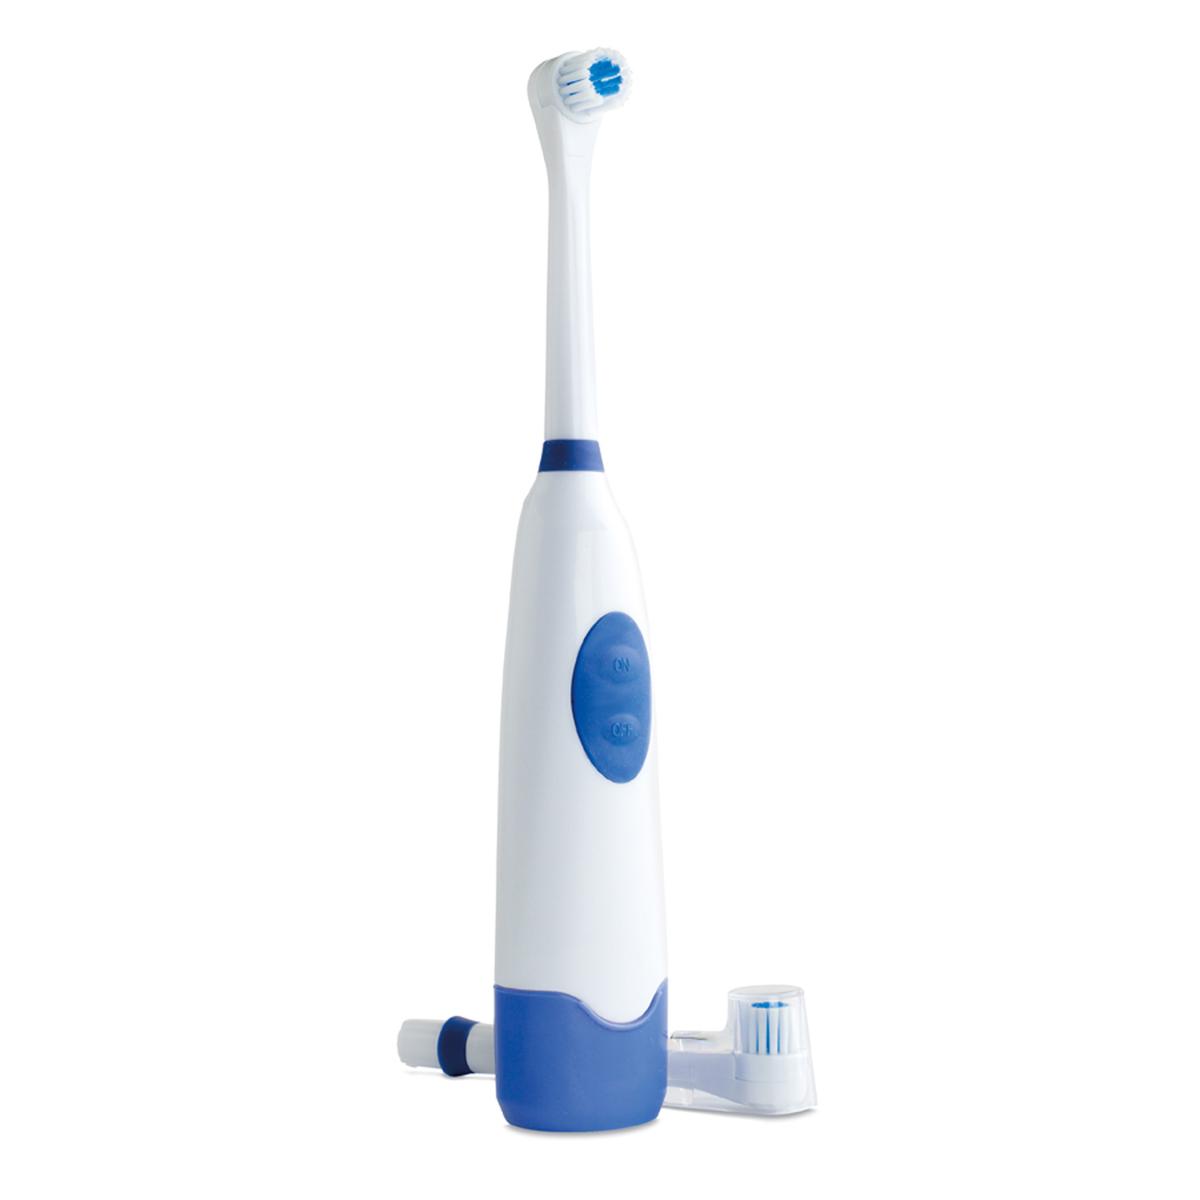 Las ventajas del cepillo eléctrico con respecto al cepillo de dientes tradicional